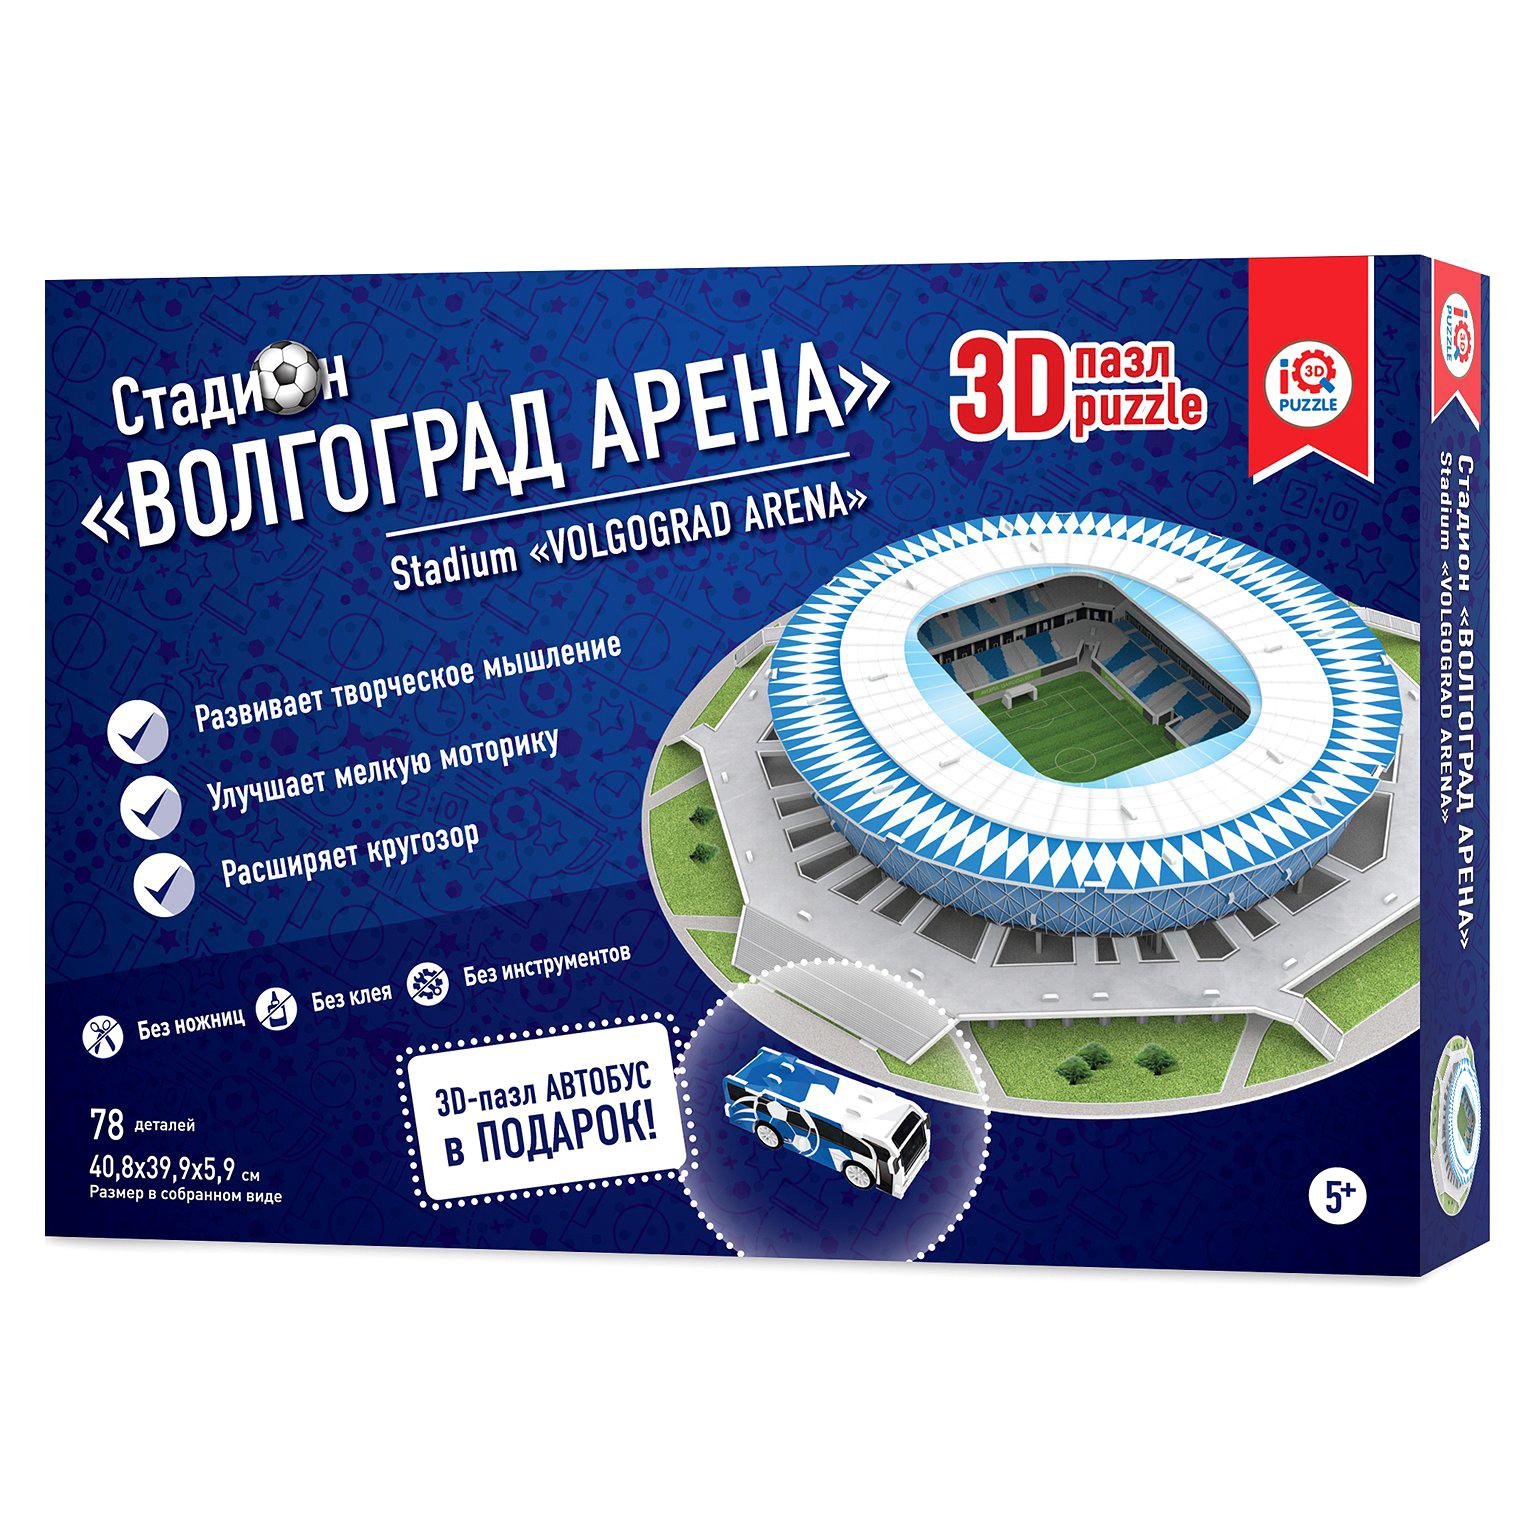 Пазл 3D IQ 3D PUZZLE Волгоград Арена 16550